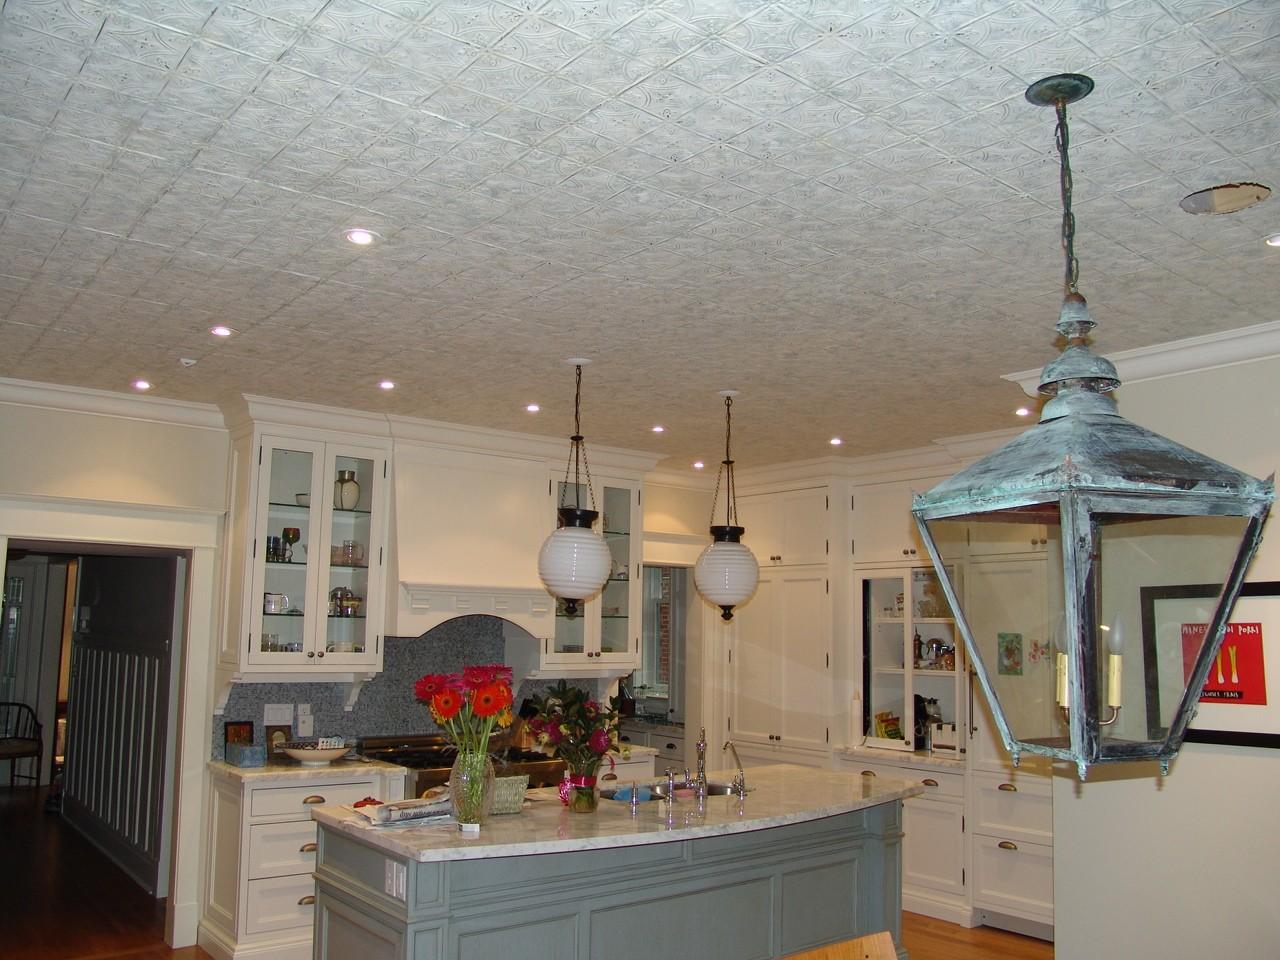 неё чем покрывать потолок в кухне фото эту возможность мыловарение